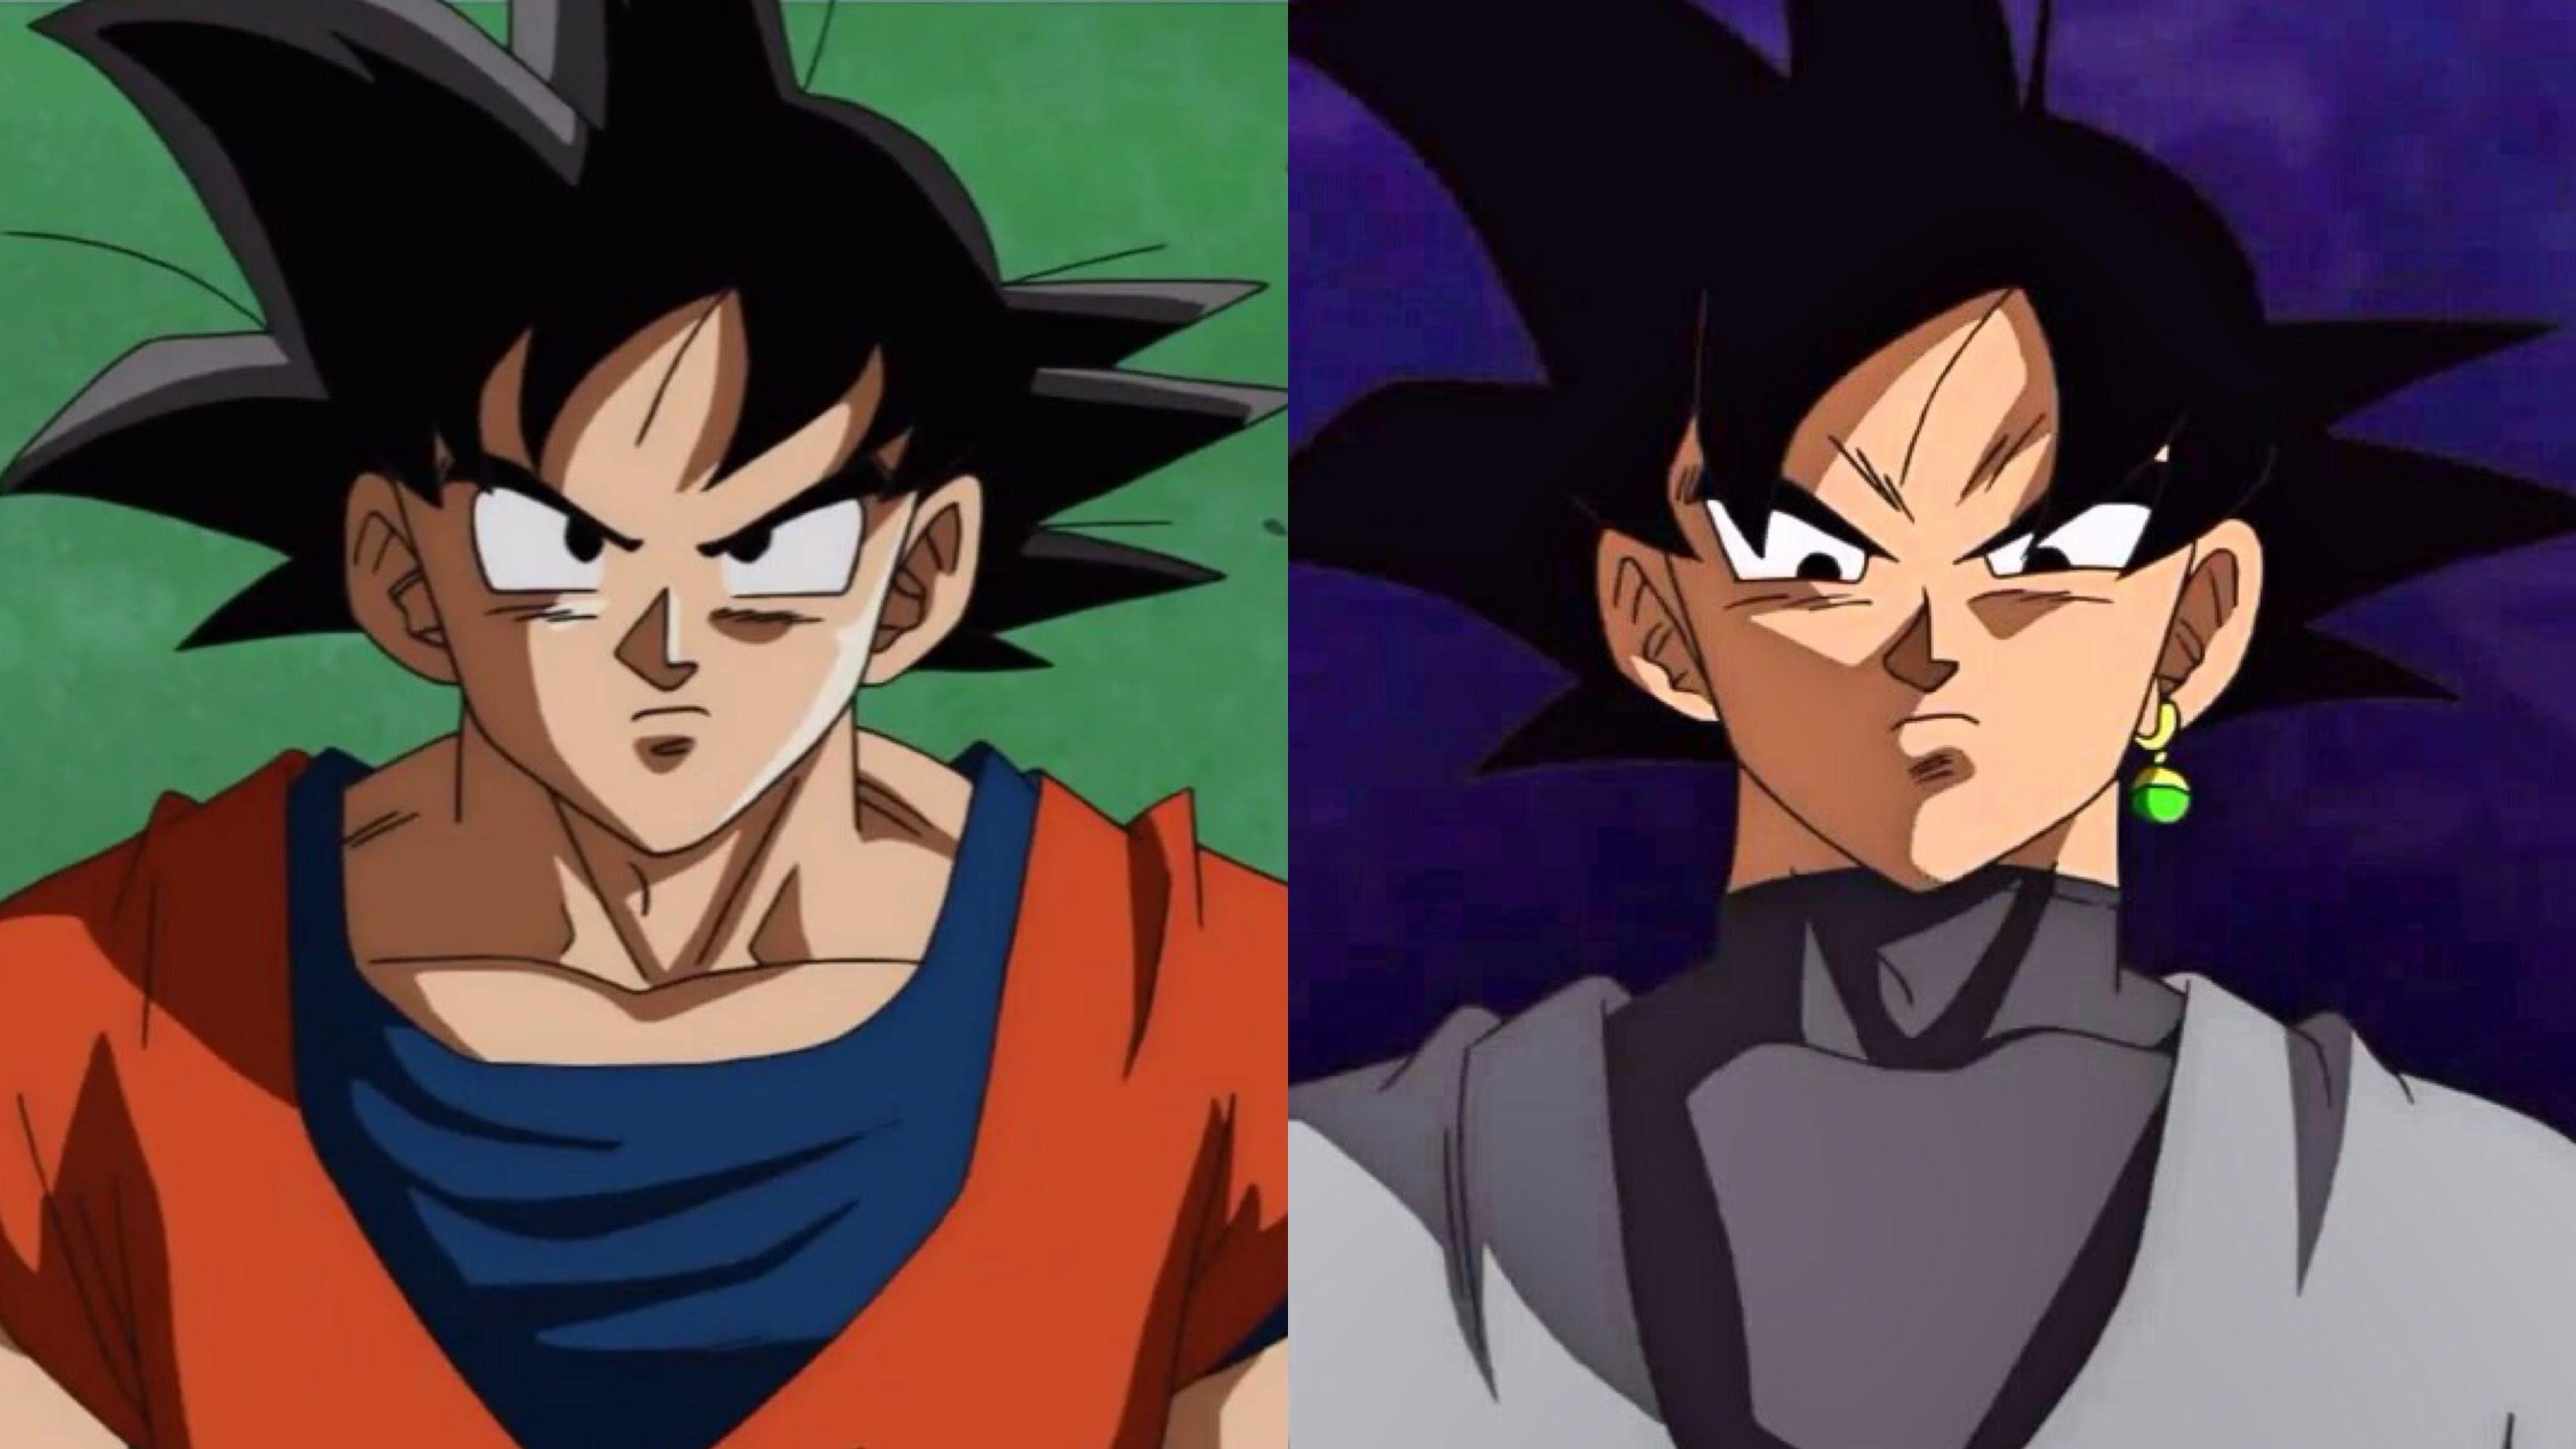 \u201cMa thần\u201d Black Goku trong Dragon Ball Super thực ra là ai? -